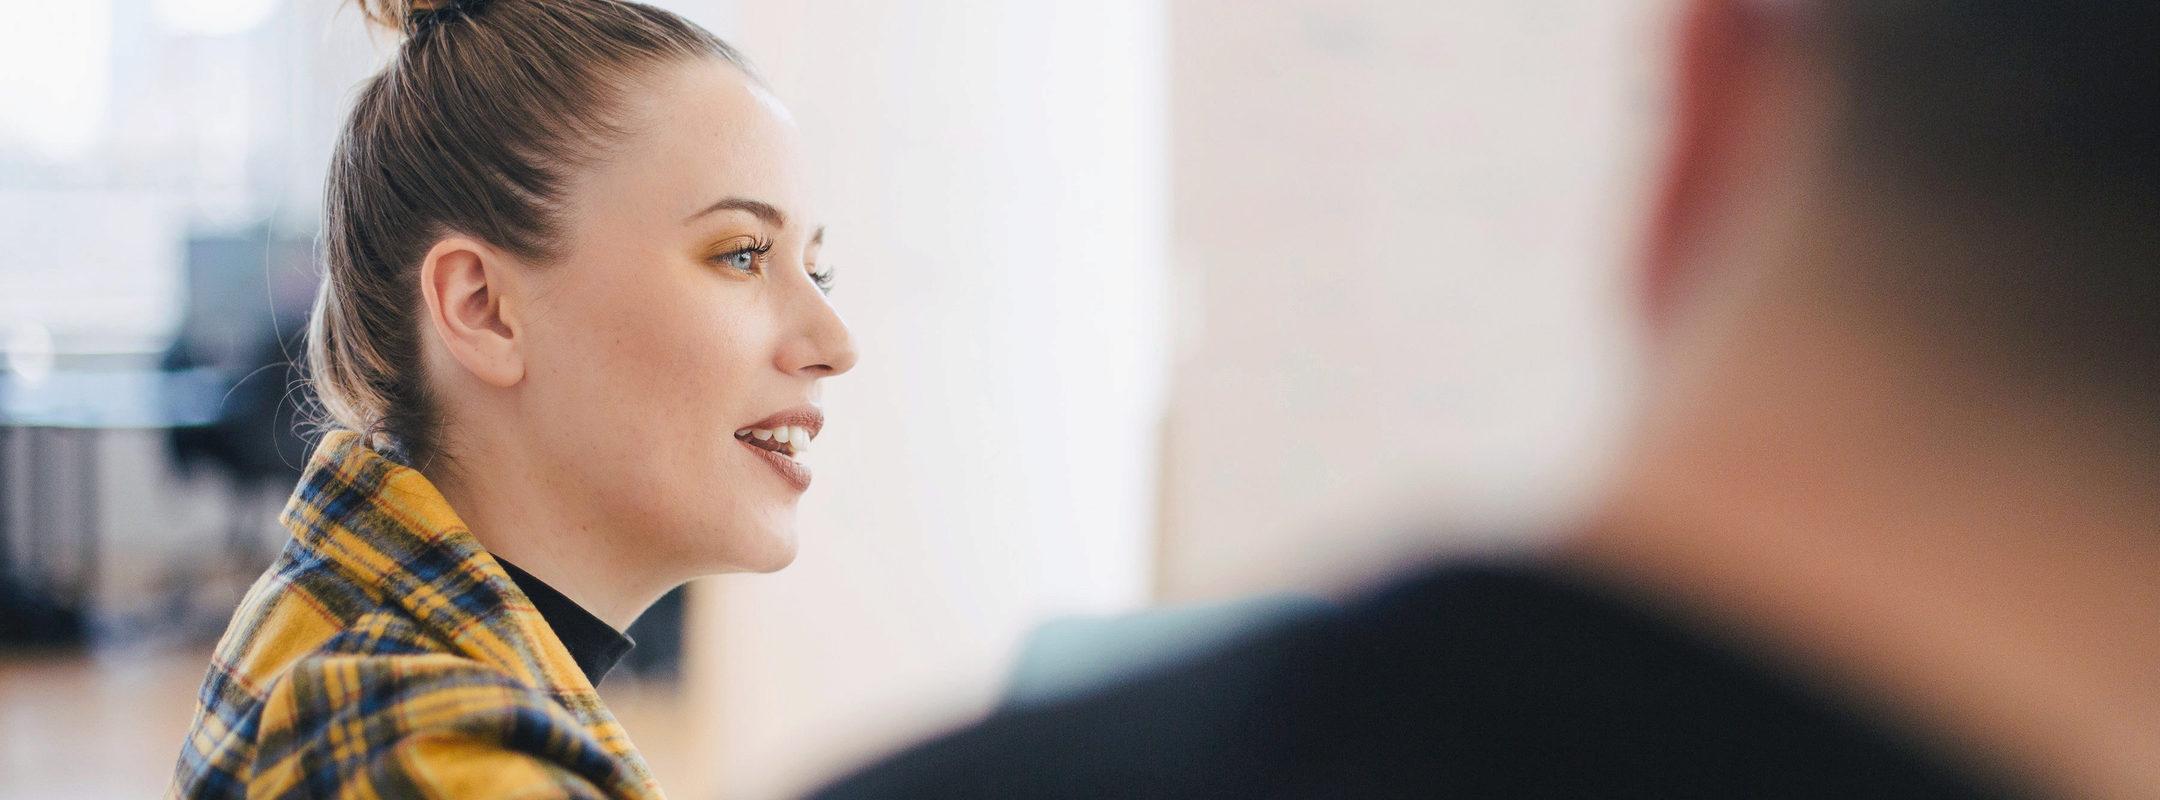 Gründe für den einen neuen Job als Anwalt - Tipps Bewerbungsgespräch